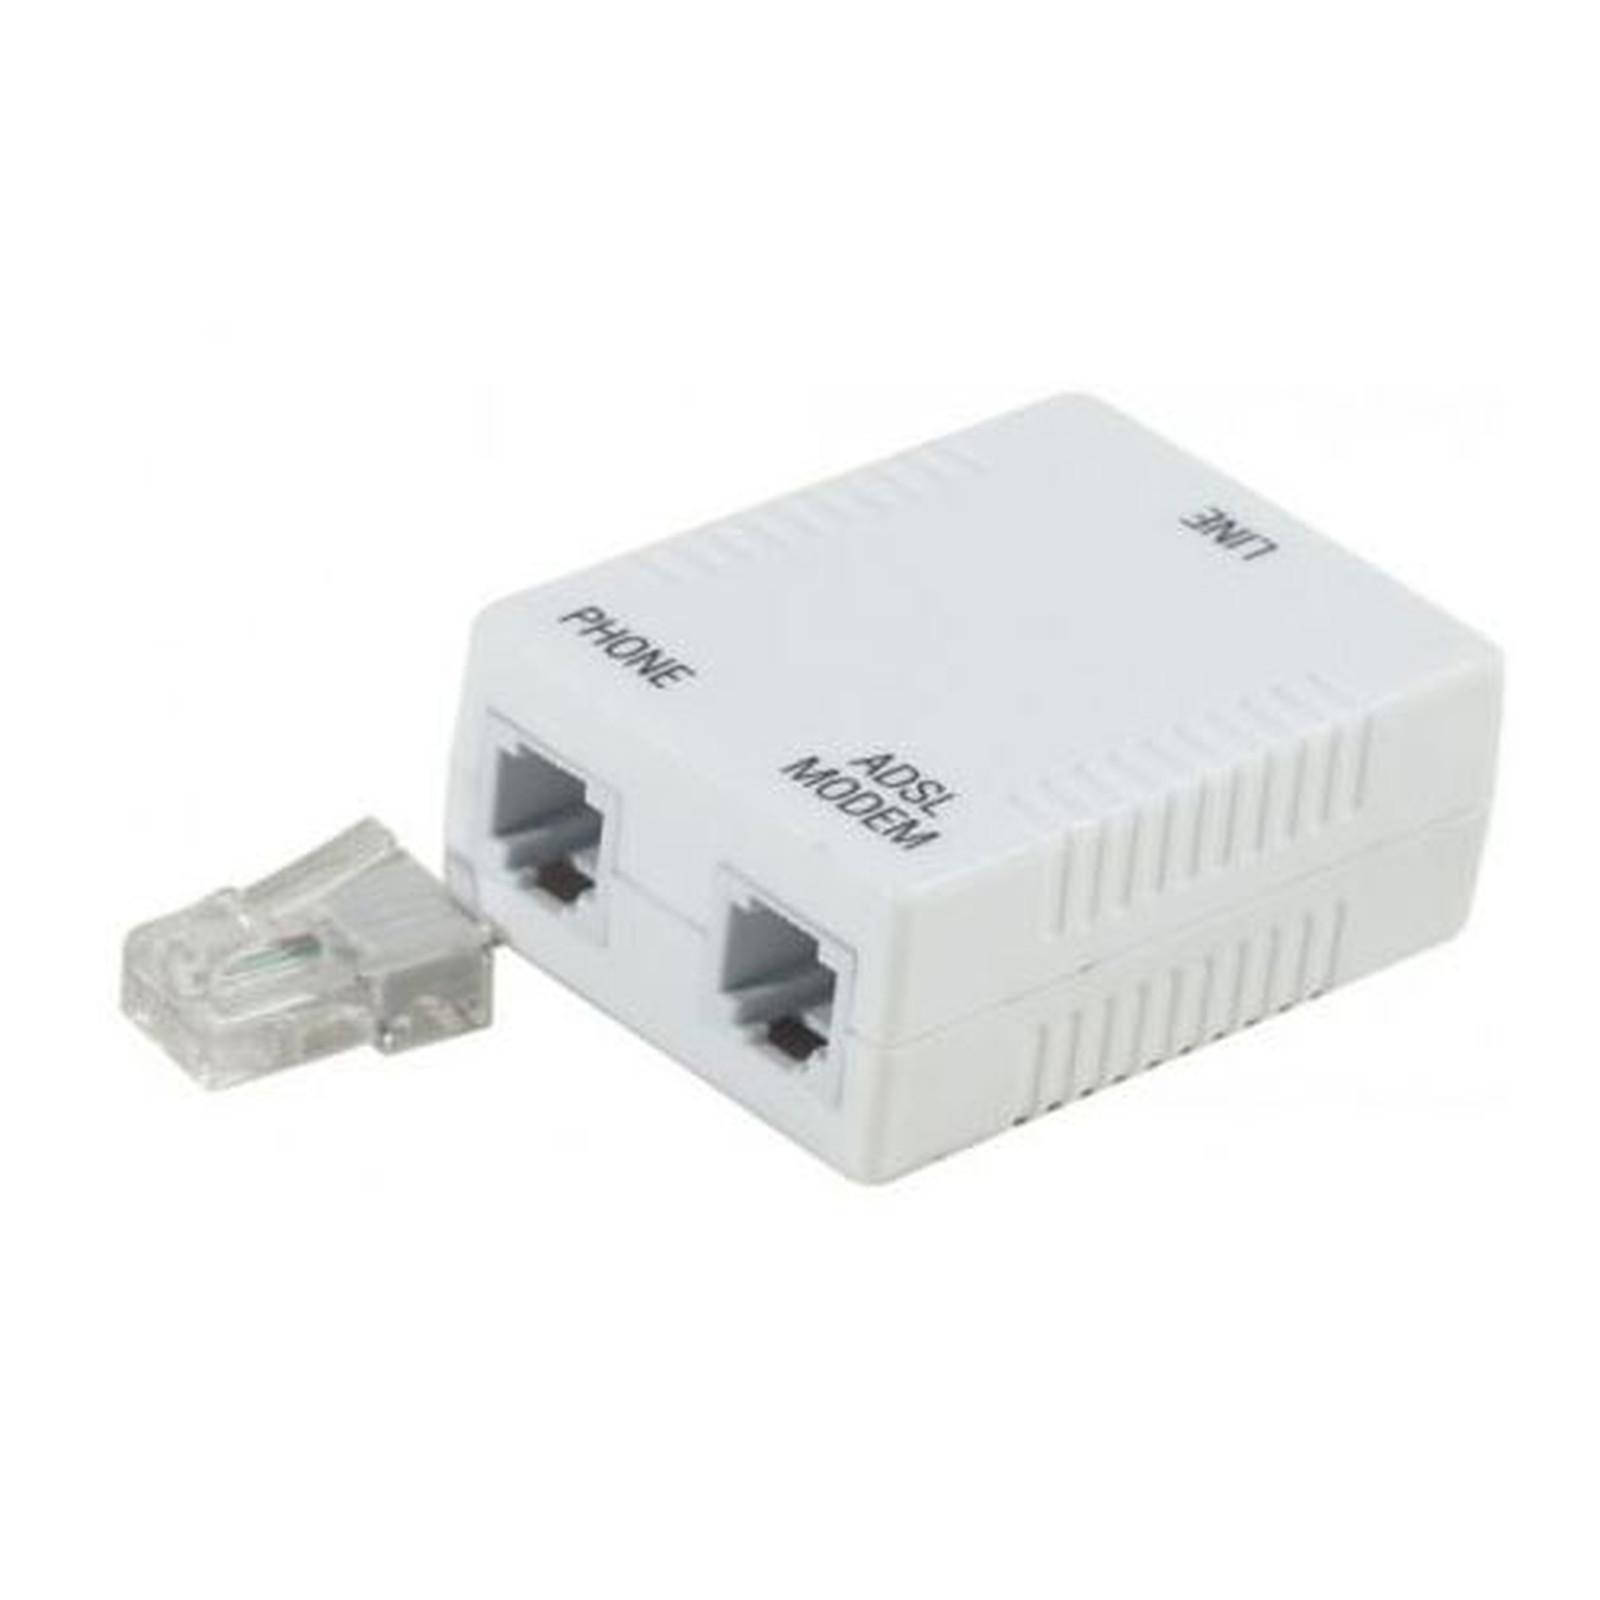 Filtro ADSL RJ45 / RJ11